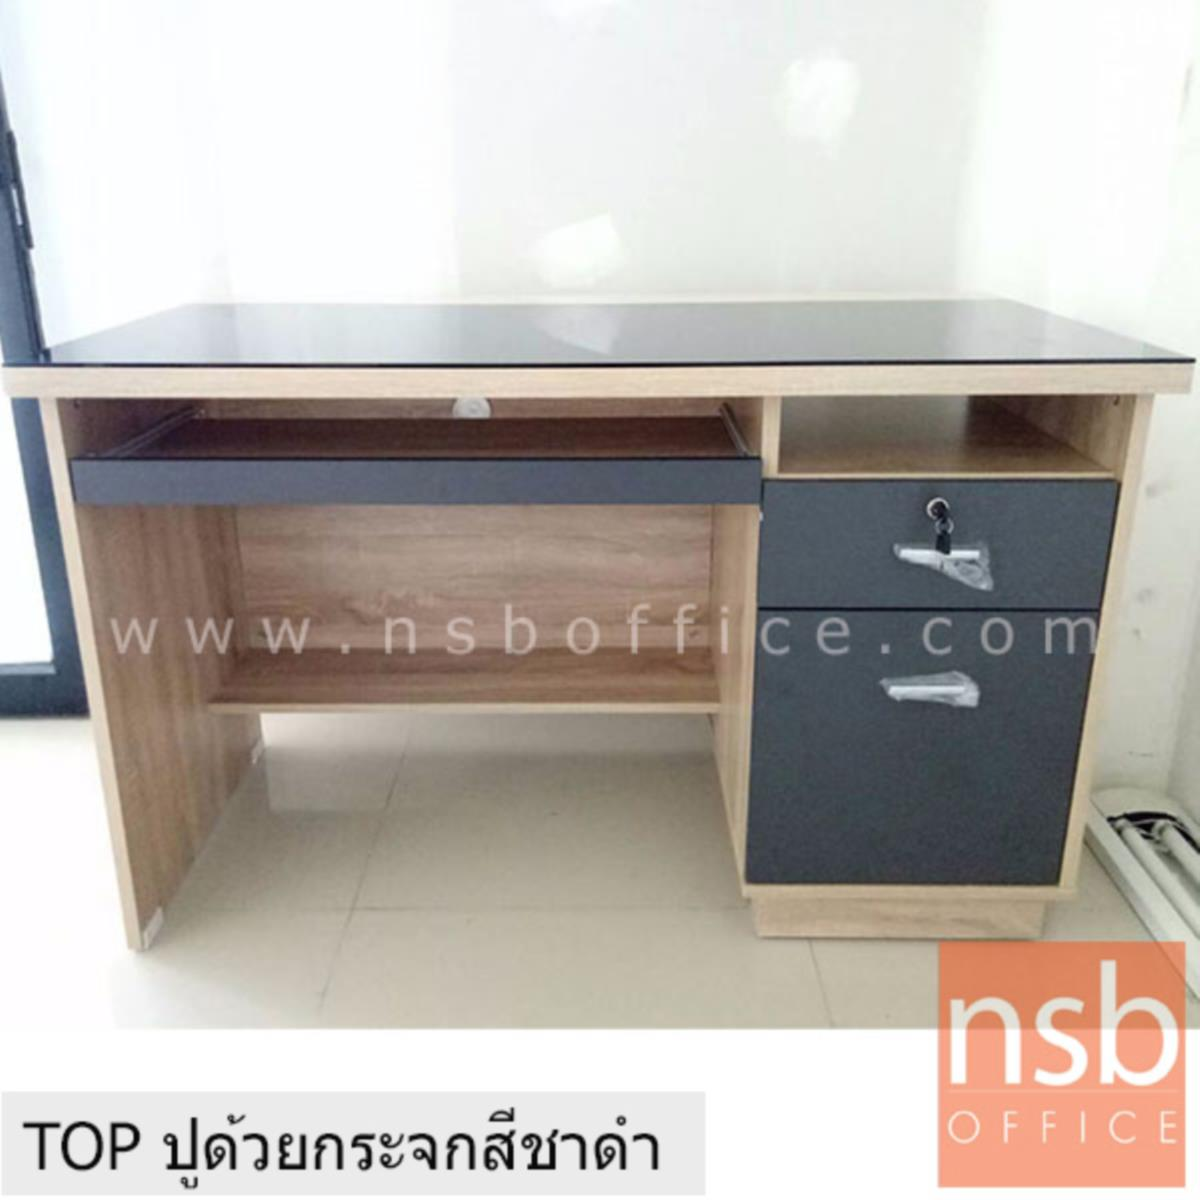 โต๊ะคอมพิวเตอร์หน้ากระจกสีชาดำ 1 ลิ้นชัก 1 บานเปิด  รุ่น Prudence (พรูเดนซ์) ขนาด 120W cm.